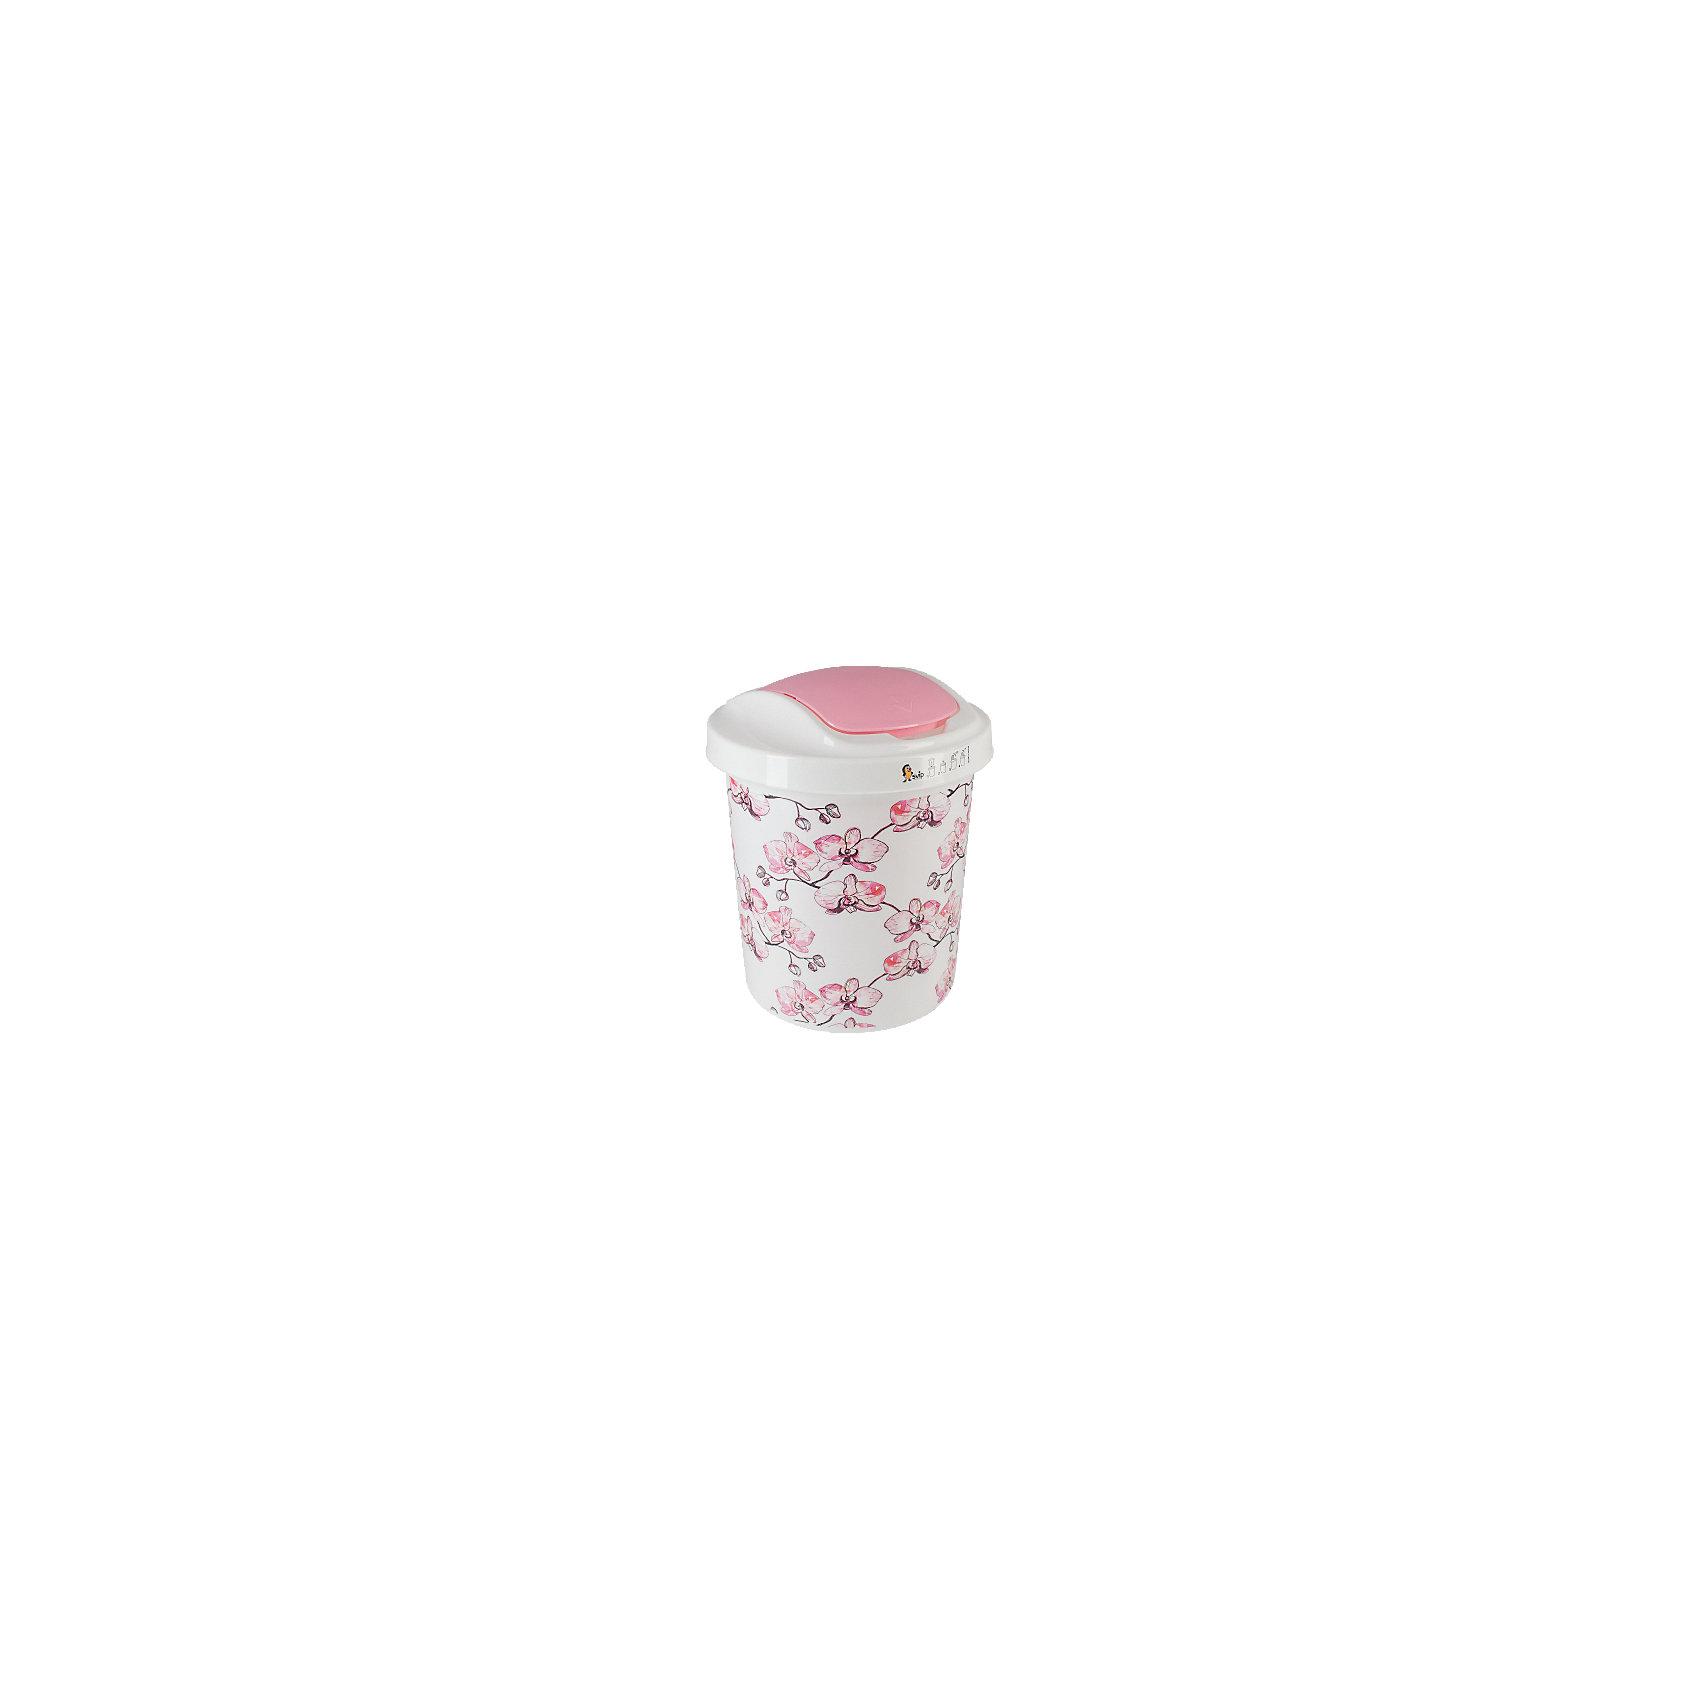 Контейнер для мусора круглый Ориджинал 12 л декор орхидеи, SvipПорядок в детской<br>Контейнер для мусора круглый Ориджинал 12 л декор орхидеи, Svip<br><br>Характеристики:<br><br>• Материал: пластик<br>• Цвет: розовый<br>• В комплекте: 1 штука<br>• Объем: 12 литров<br><br>Этот практичный большой контейнер для мусора можно разместить прямо на кухне или в ванной комнате. Он оснащен крышкой-маятником и съемной верхней частью для более удобного использования. Все части контейнера скреплены между собой и легко снимаются при необходимости. Использование этого контейнера поможет с легкостью поддержать чистоту и порядок в вашем доме.<br><br>Контейнер для мусора круглый Ориджинал 12 л декор орхидеи, Svip можно купить в нашем интернет-магазине.<br><br>Ширина мм: 280<br>Глубина мм: 280<br>Высота мм: 332<br>Вес г: 526<br>Возраст от месяцев: 216<br>Возраст до месяцев: 1188<br>Пол: Унисекс<br>Возраст: Детский<br>SKU: 5545662